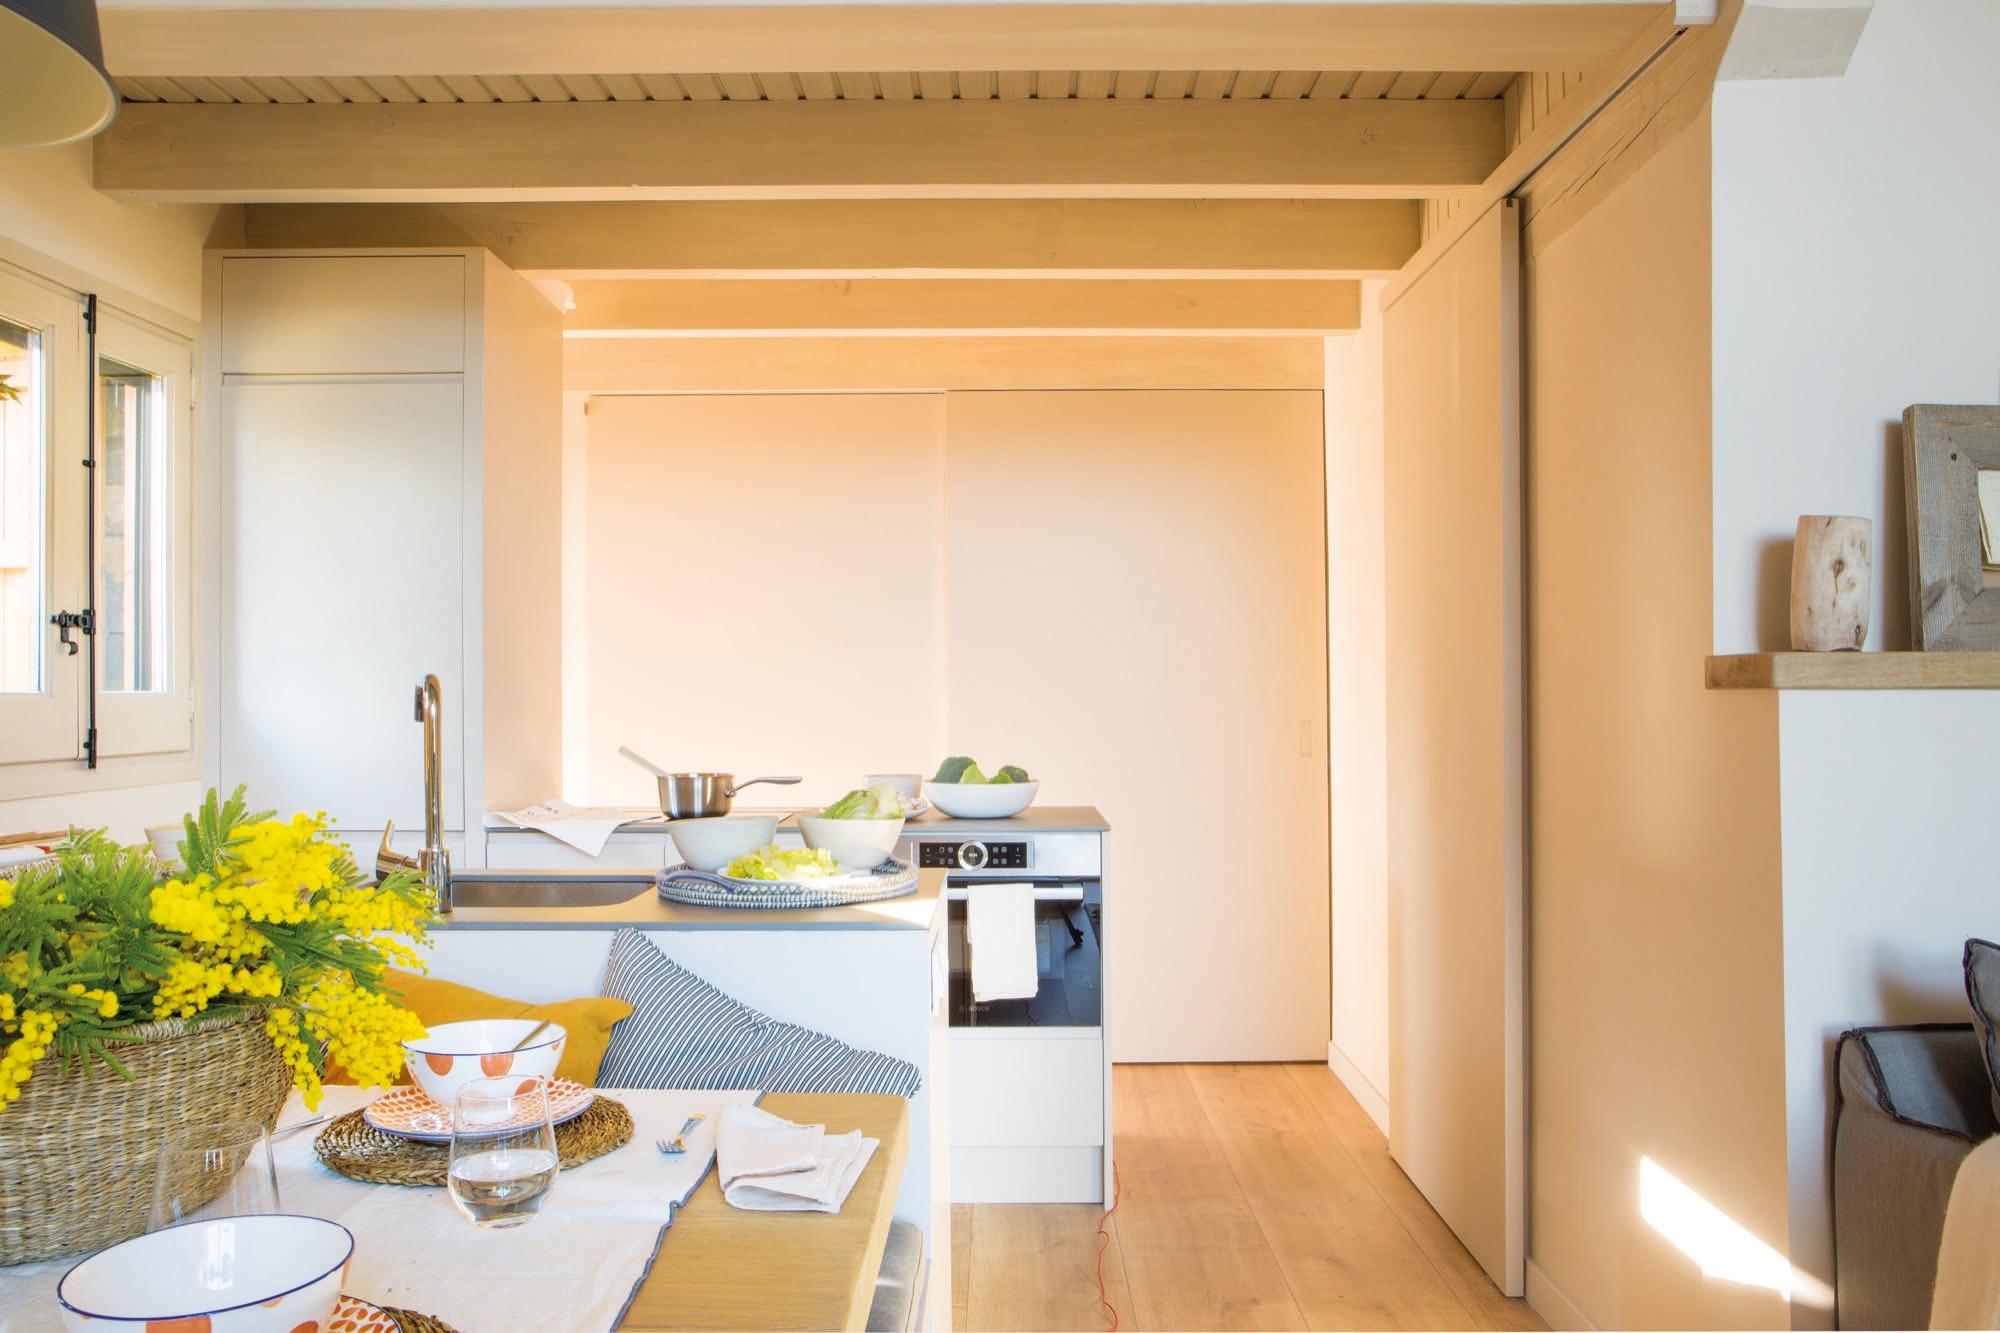 Puertas correderas cocina ikea cheap realizacin de for Casita de madera ikea